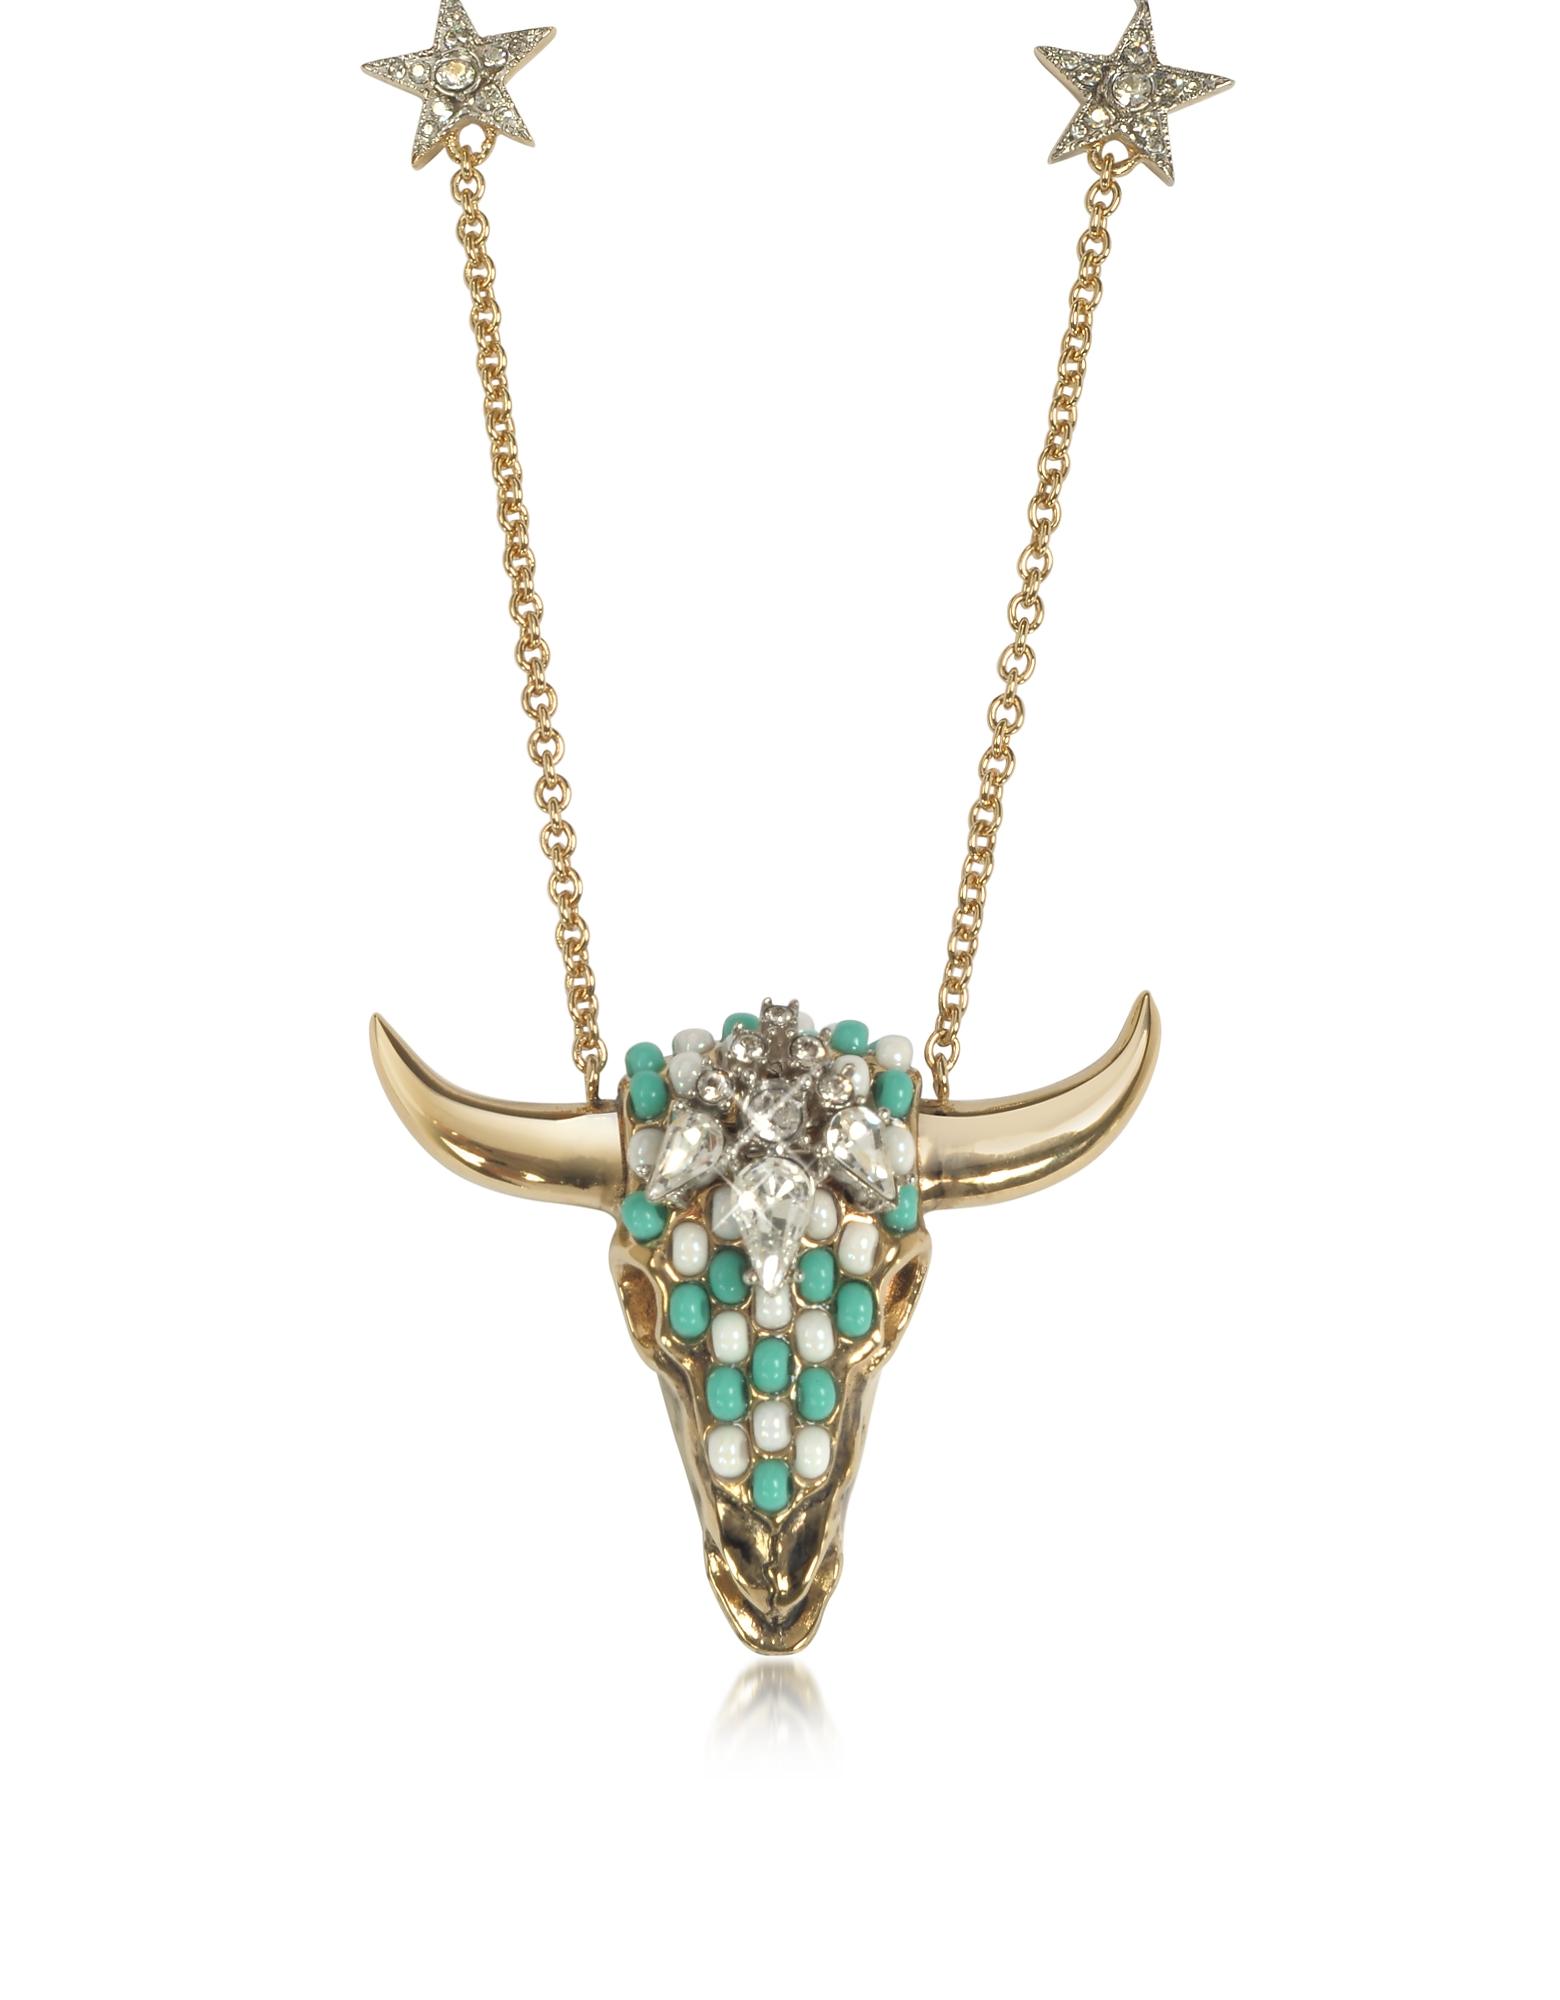 Фото Длинное Золотистое Ожерелье из Меди с Кристаллами и Бусинками Оттенка Зеленой Мяты. Купить с доставкой